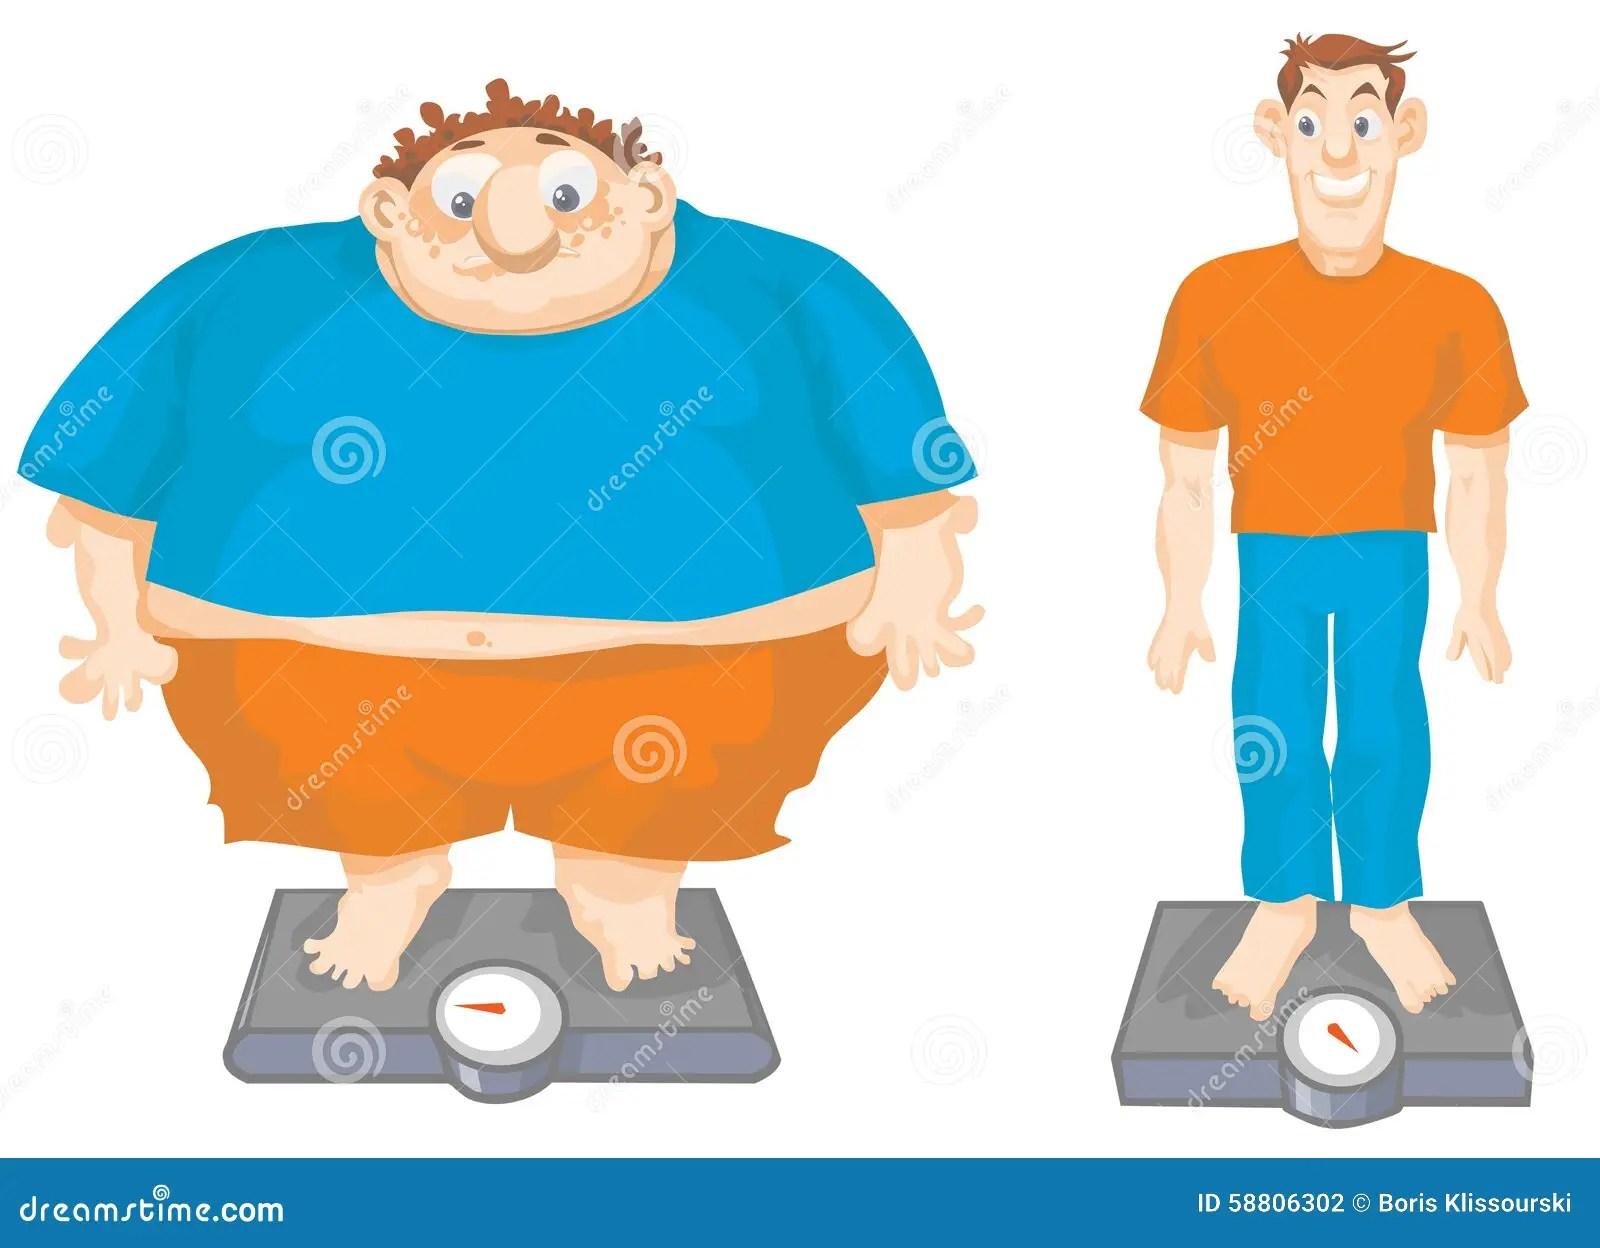 Fat And Slim Cartoon Men Stock Vector Illustration Of